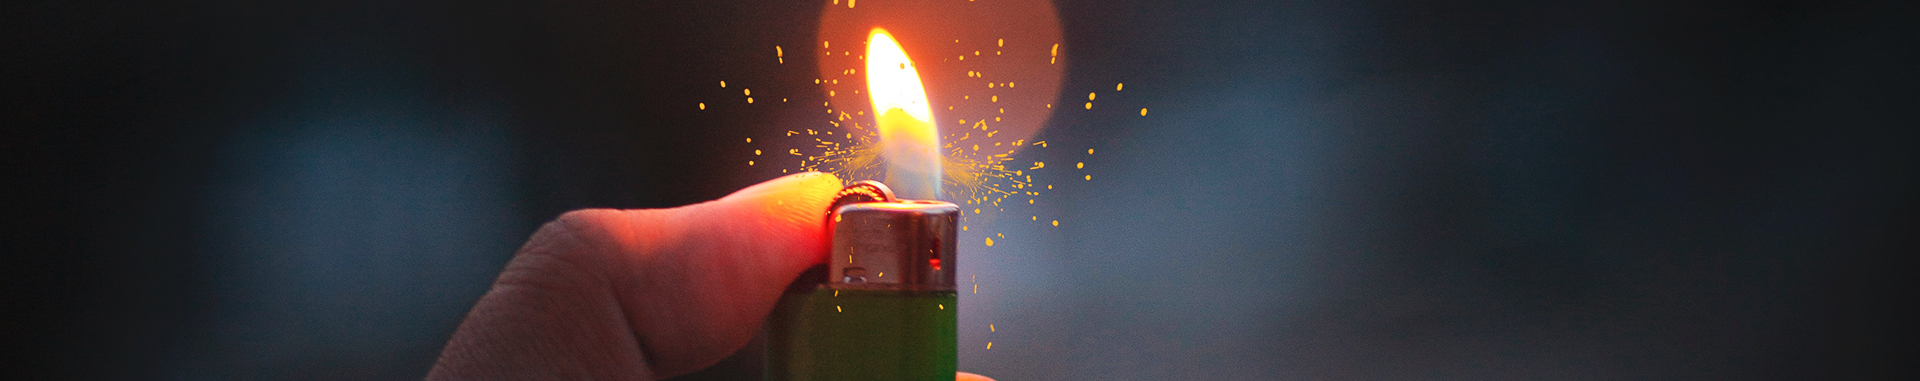 Feuerzeuge als Werbemittel